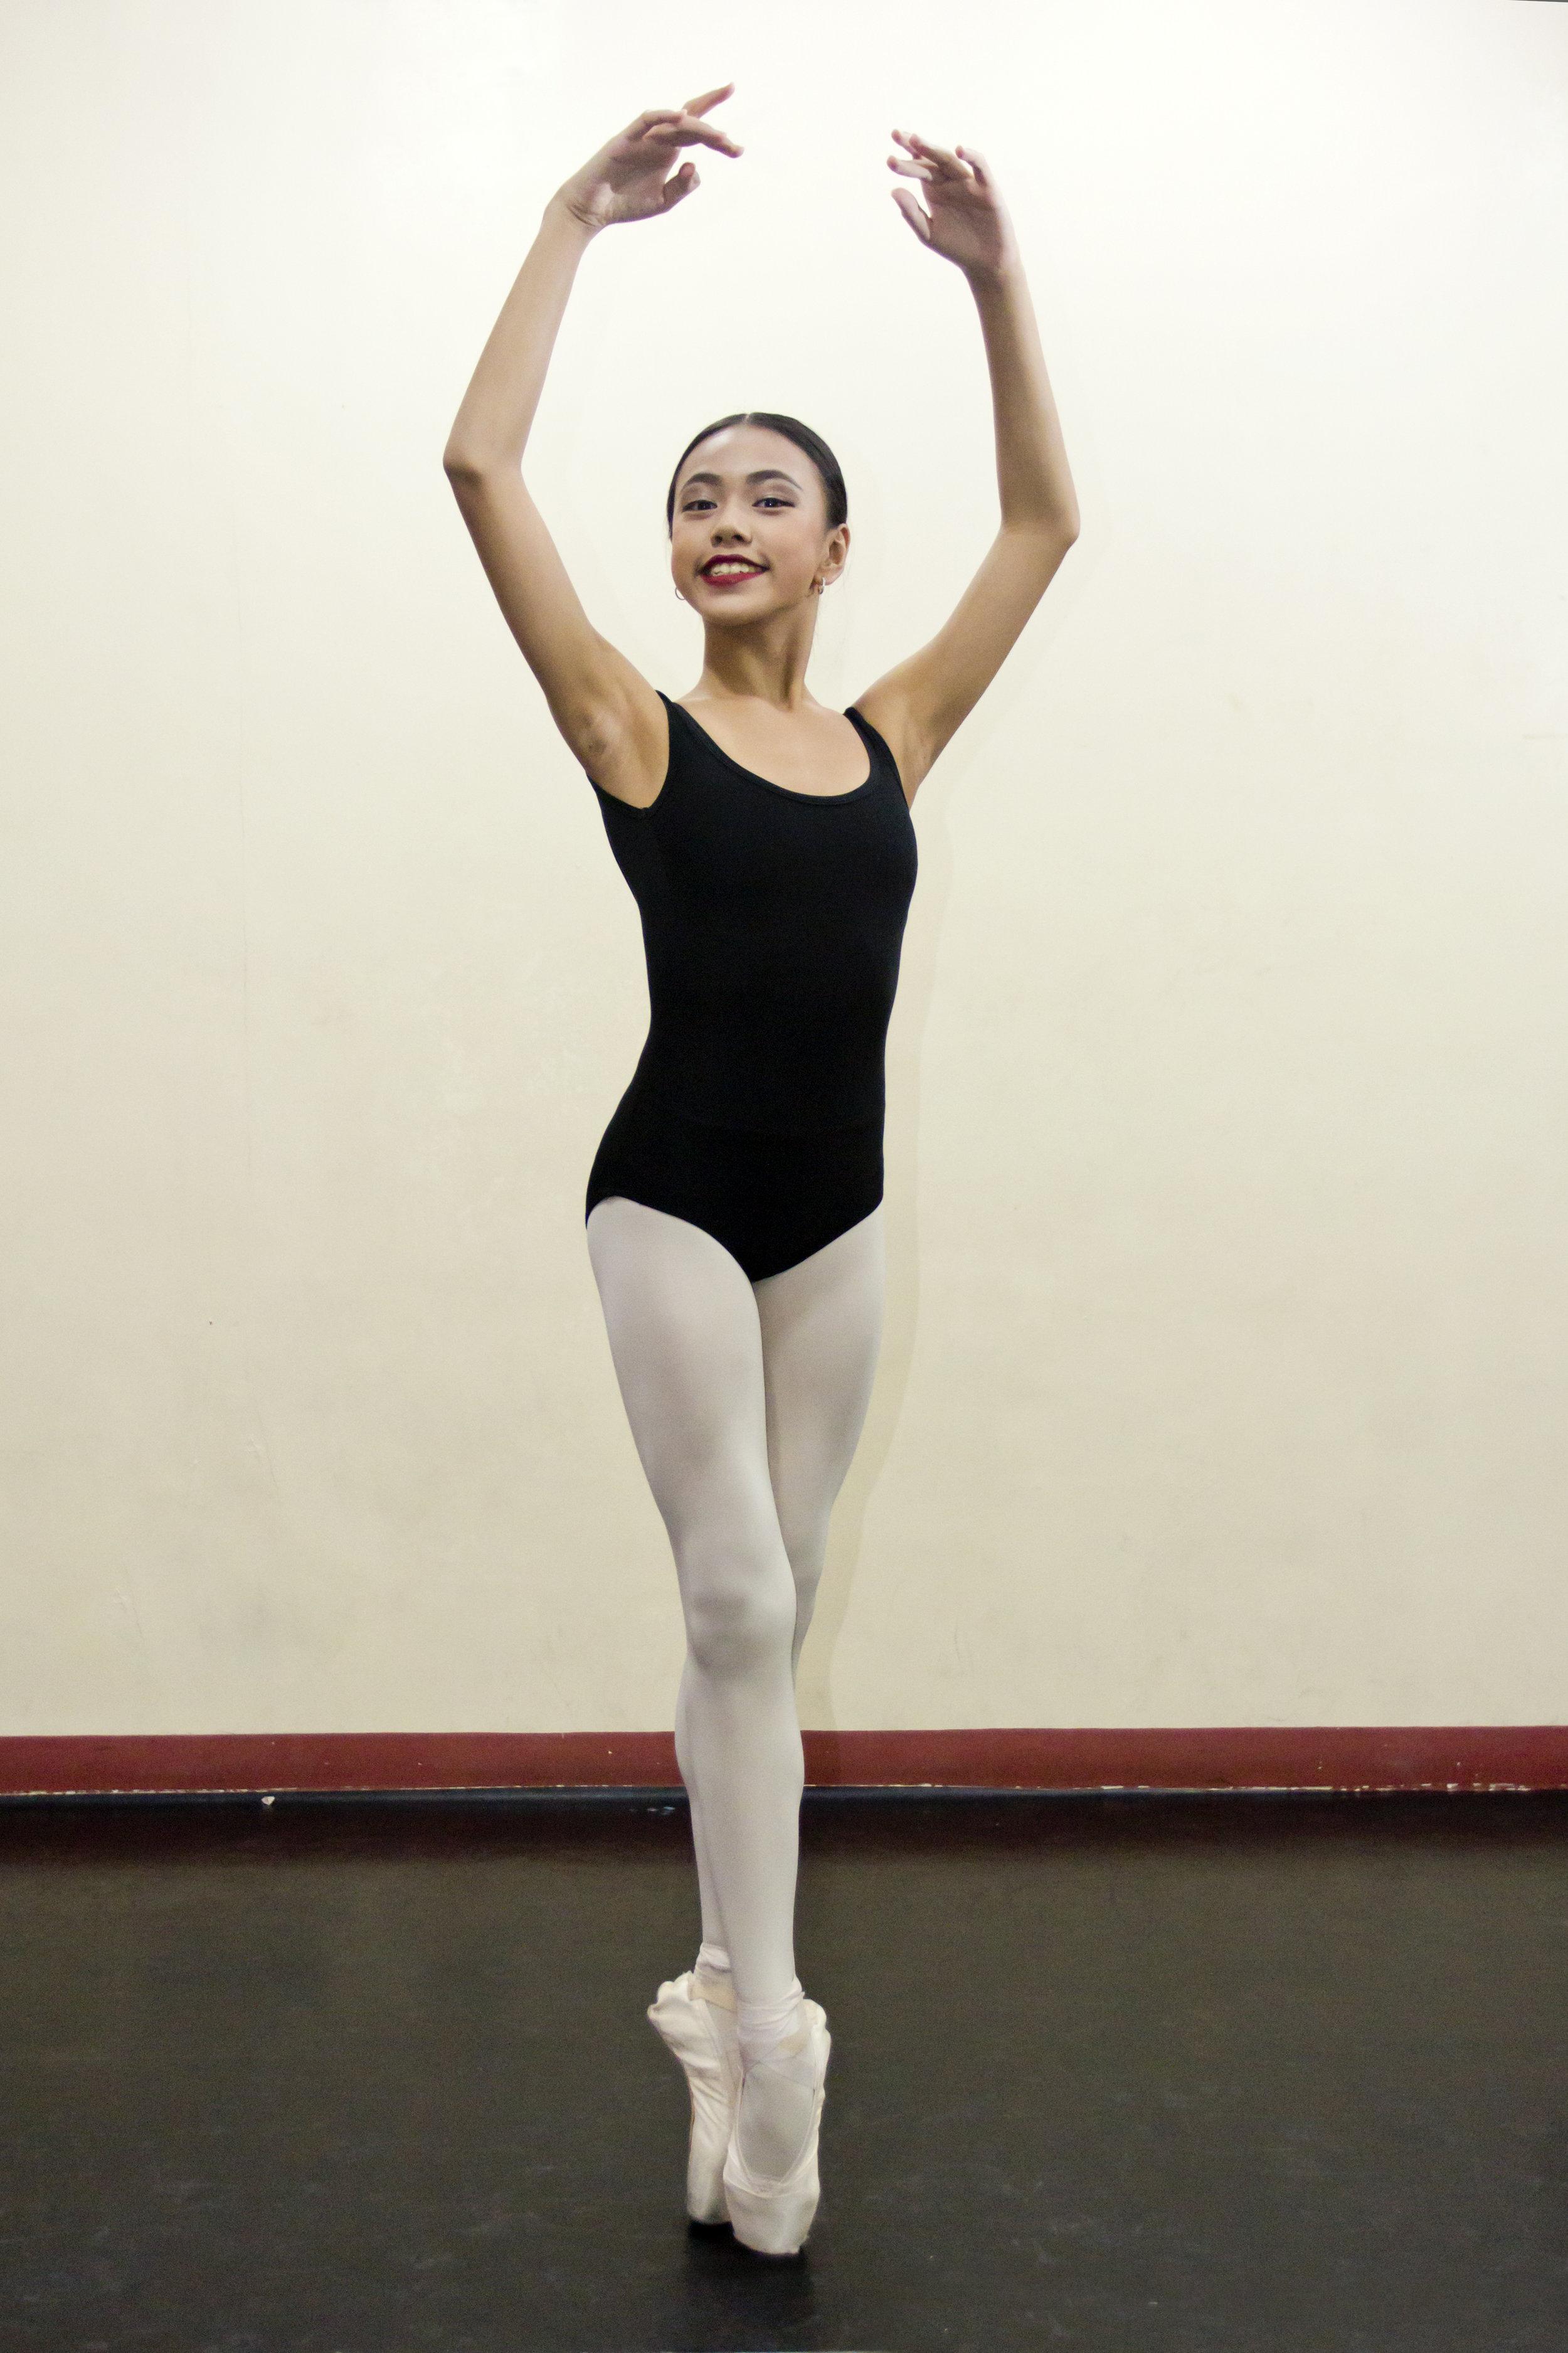 Loraine Gaile Jarlega